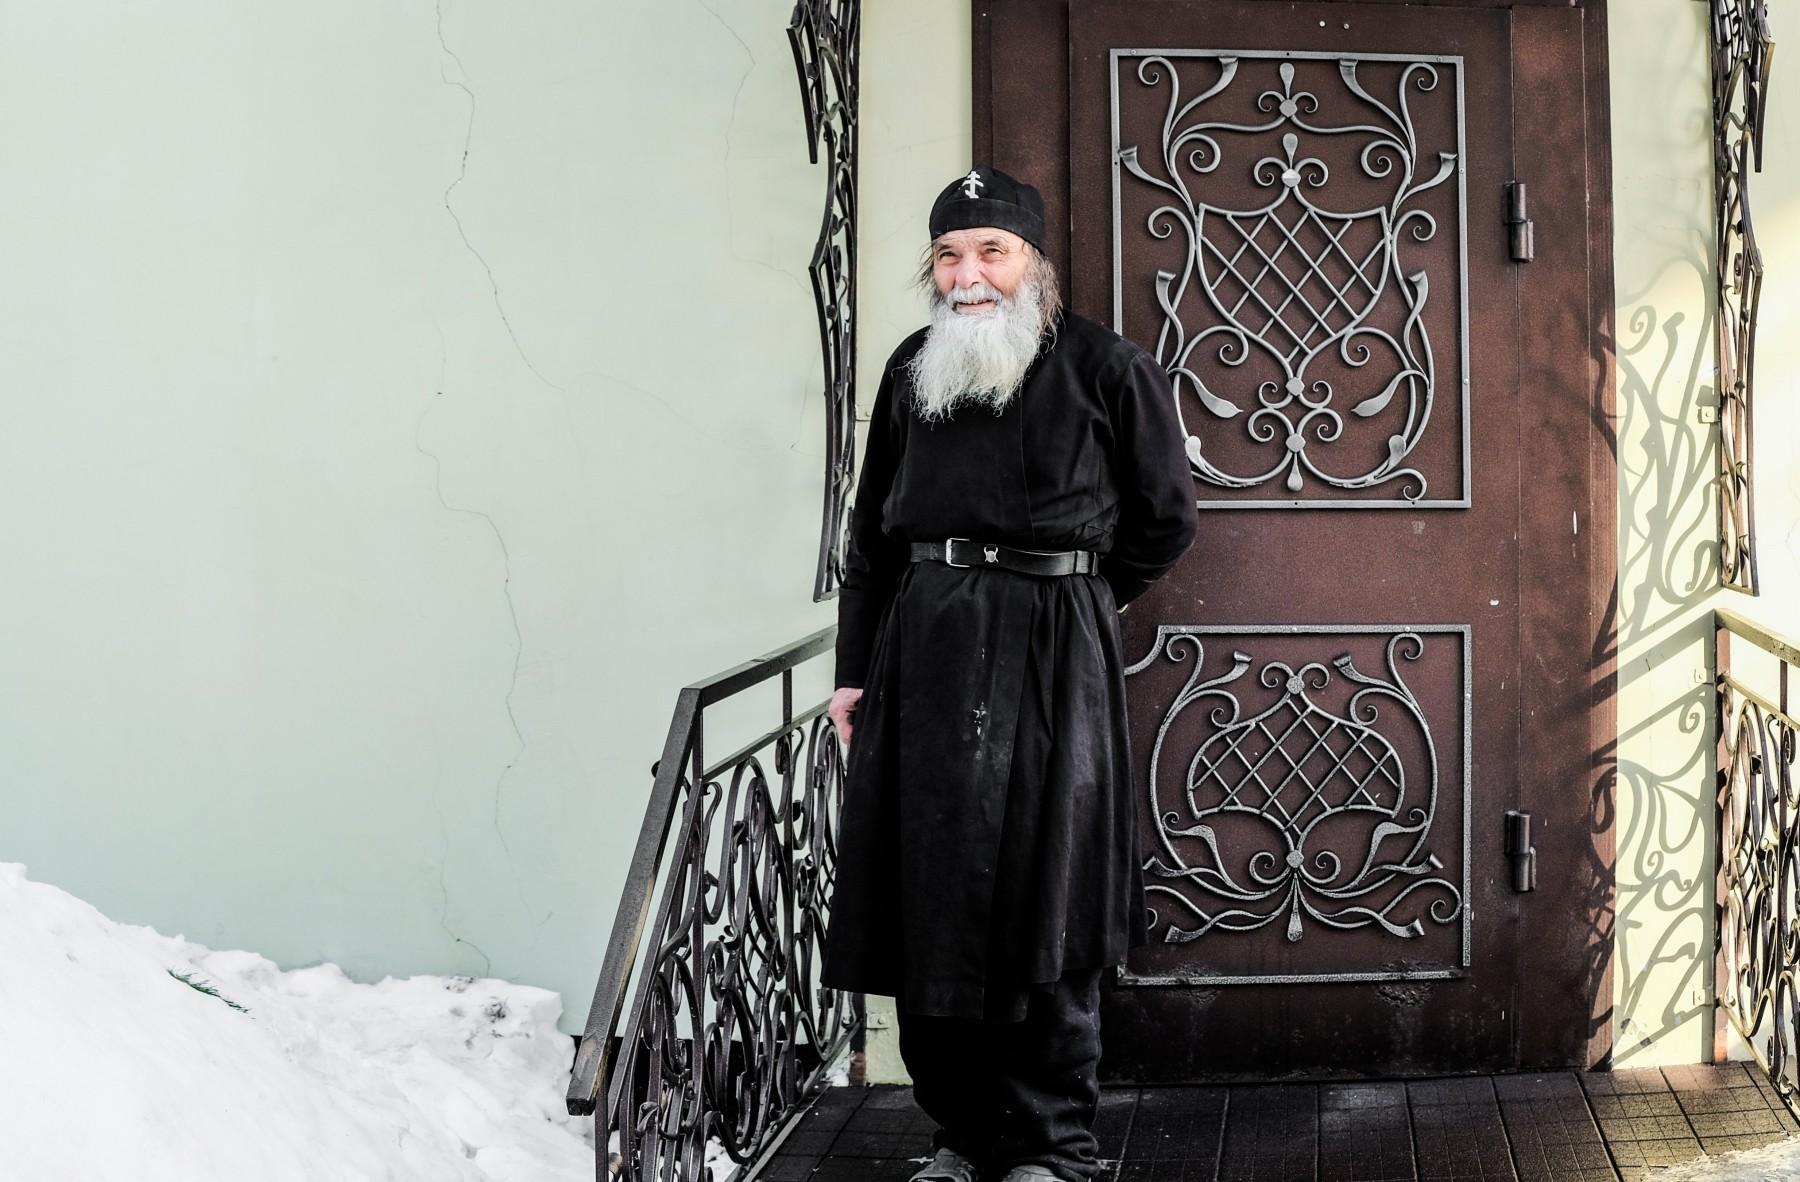 поздравление монаху с постригом сопровождается болью при